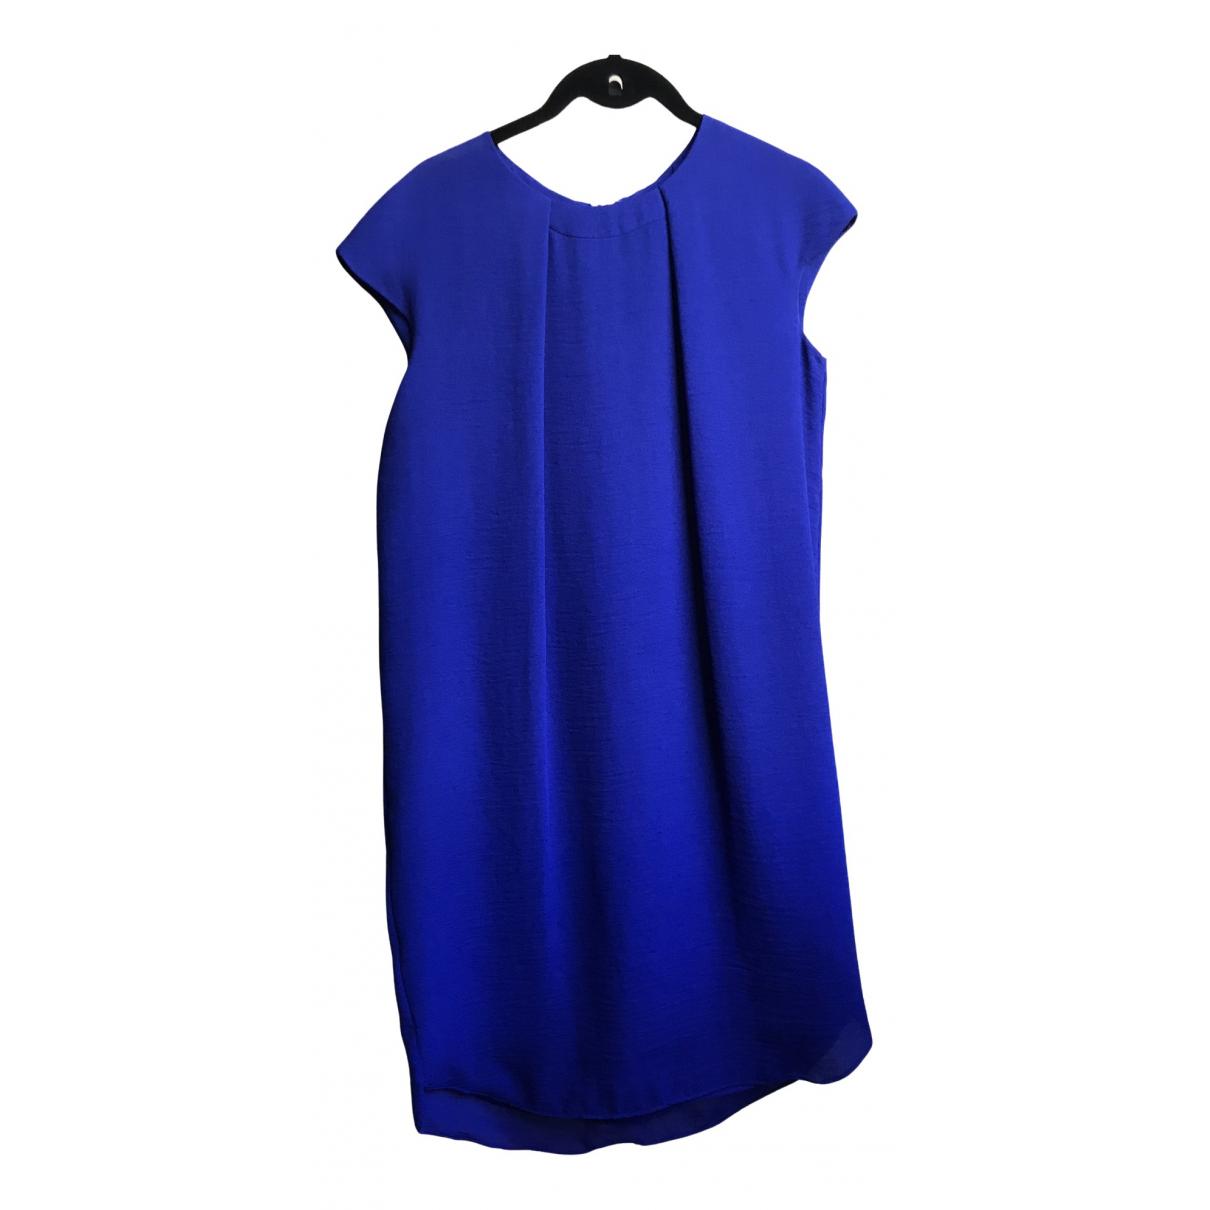 Cos \N Kleid in  Blau Synthetik